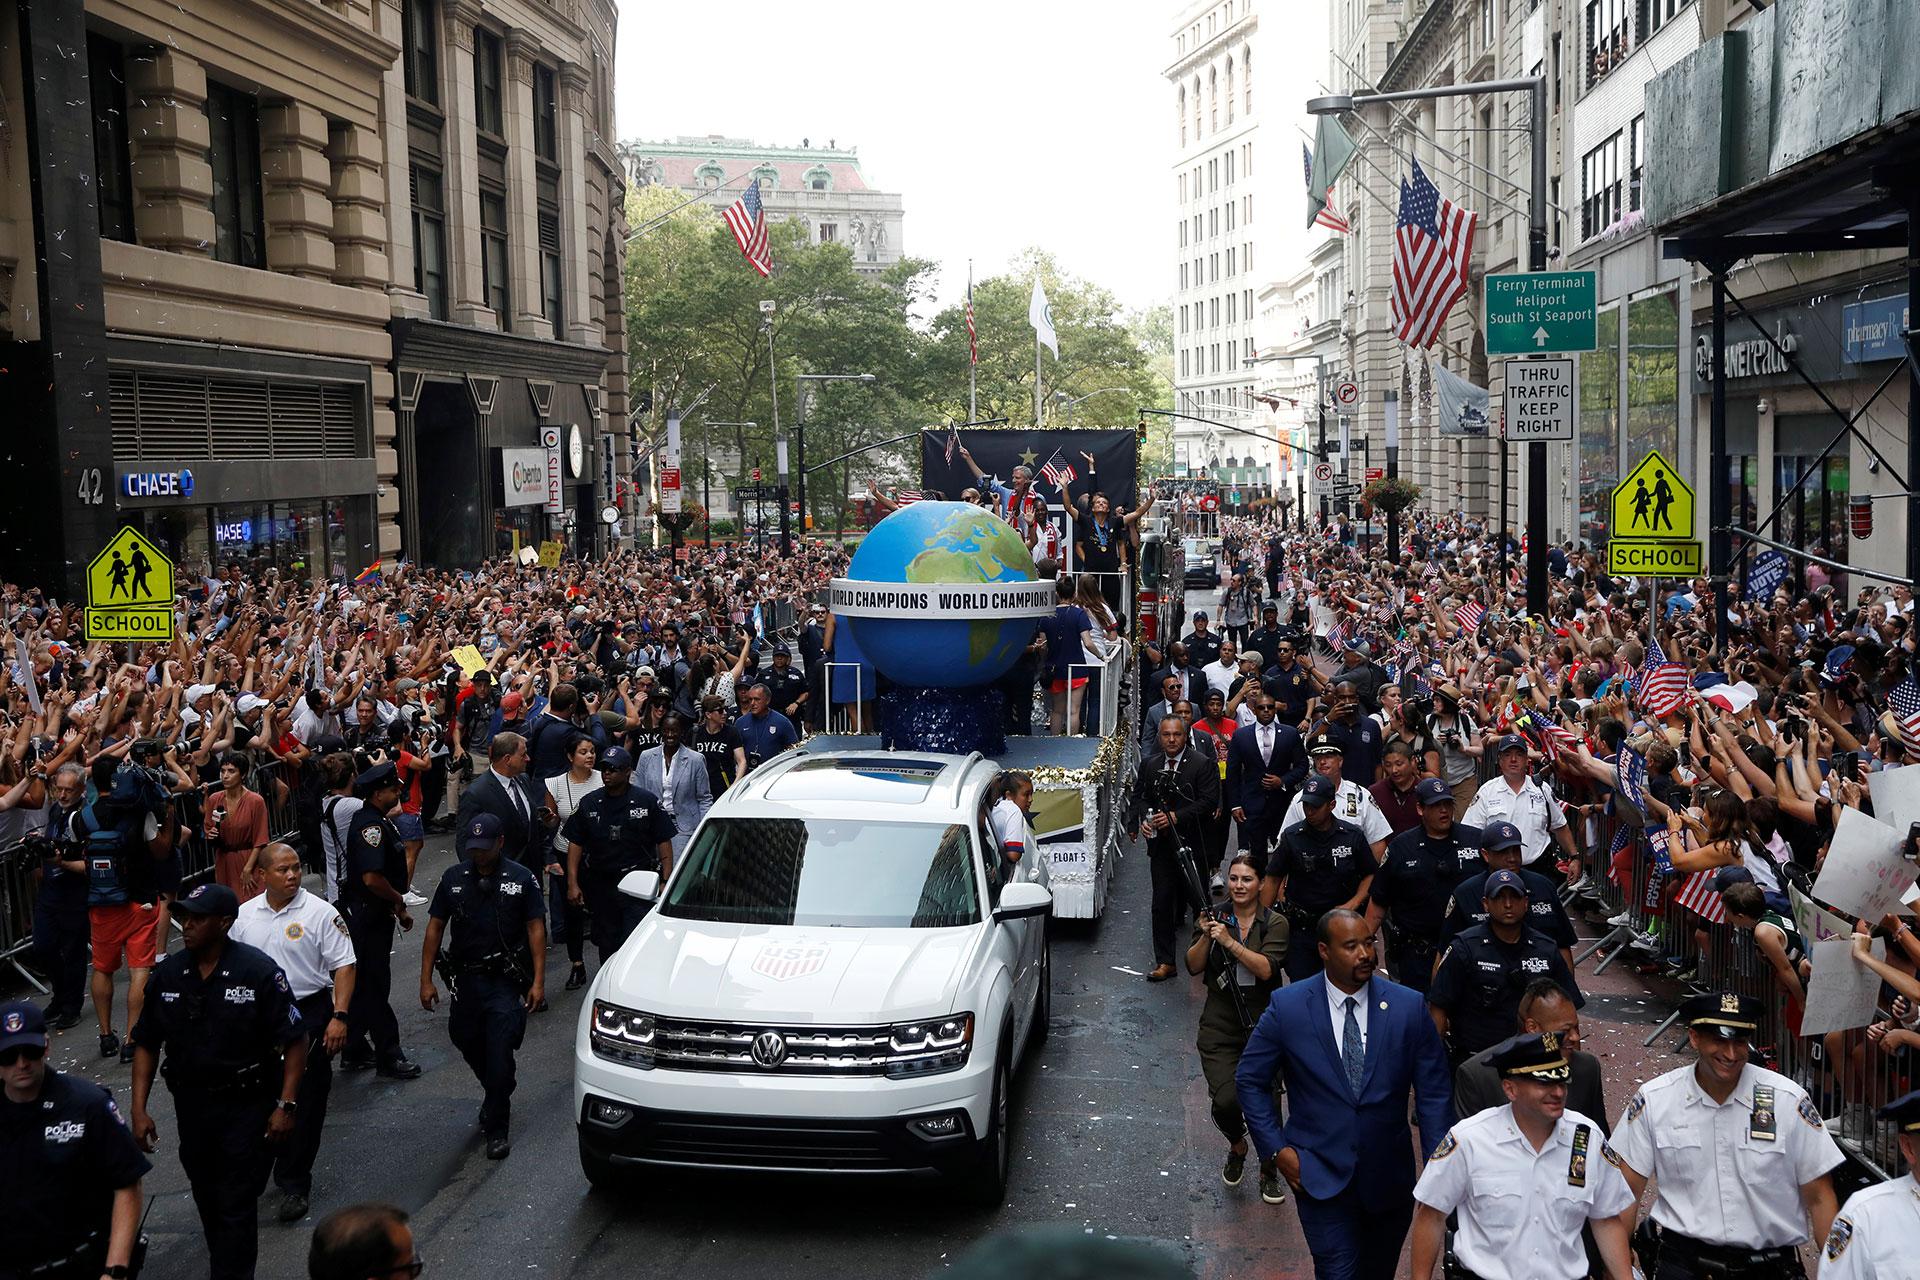 Durante el desfile, y bajo toneladas de confeti, las jugadoras se repartieron en varias de las carrozas y fueron acompañadas por las autoridades locales y estatales, como el alcalde Bill de Blasio o el gobernador del estado, Andrew Cuomo